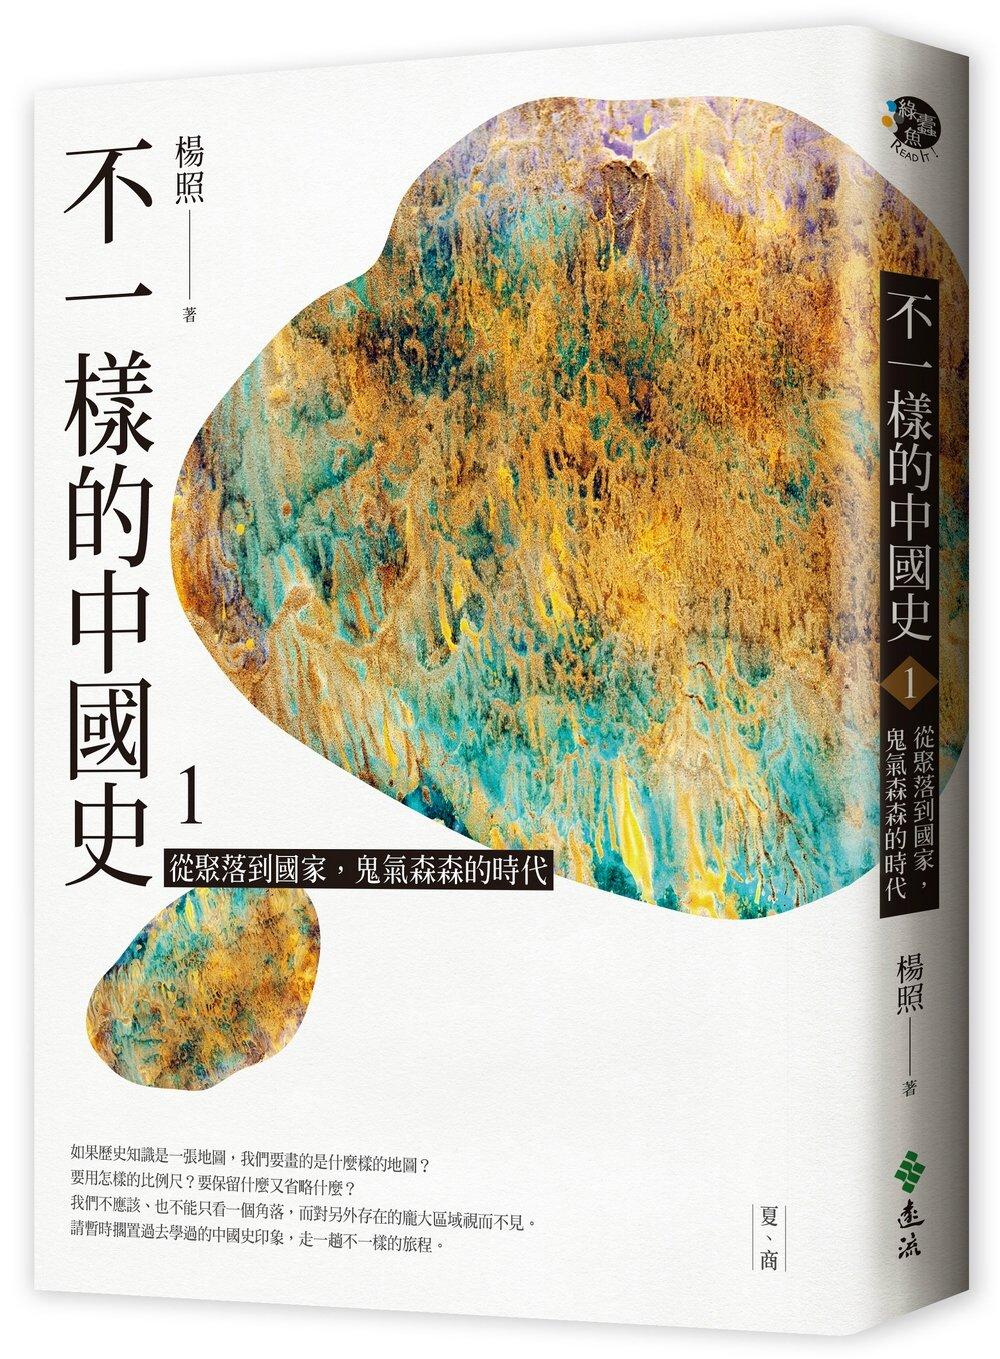 不一樣的中國史1:從聚落到國家,鬼氣森森的時代──夏、商(獨家作者親簽版)